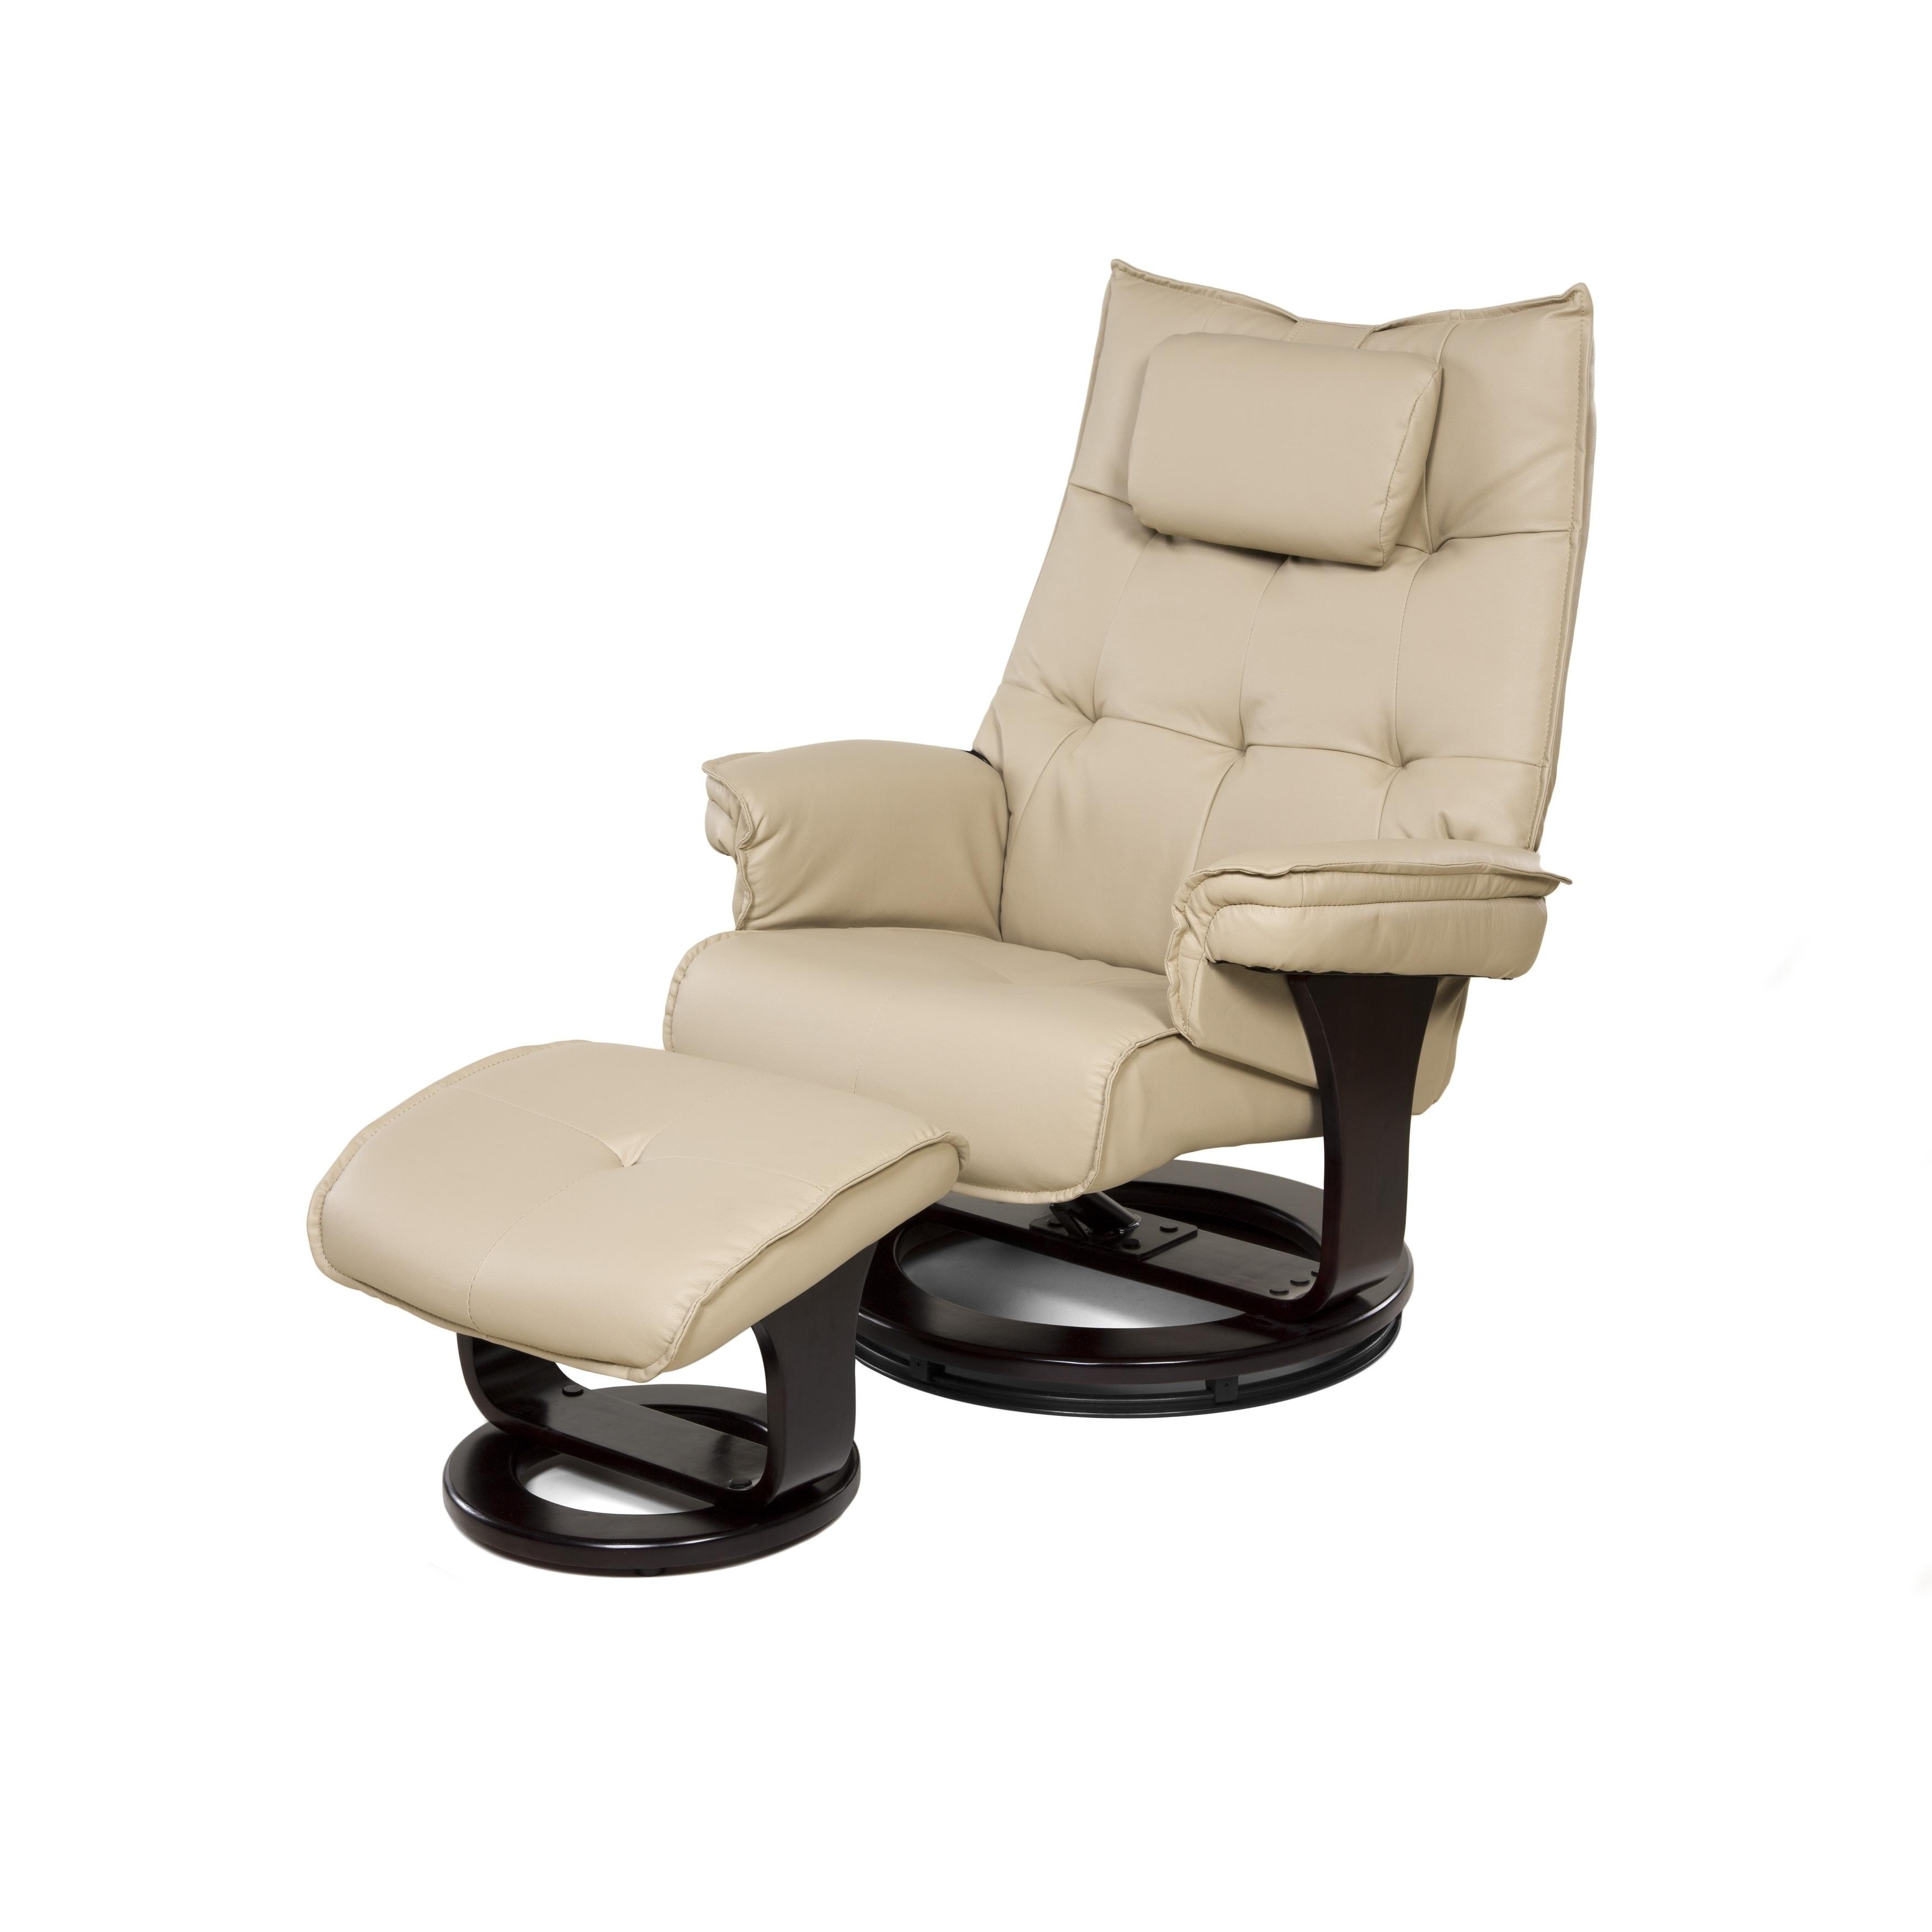 Merveilleux Shop Relaxzen 60 051002 8 Motor Massage Recliner With Lumbar Heat And  Ottoman, Cream   Free Shipping Today   Overstock.com   17679293